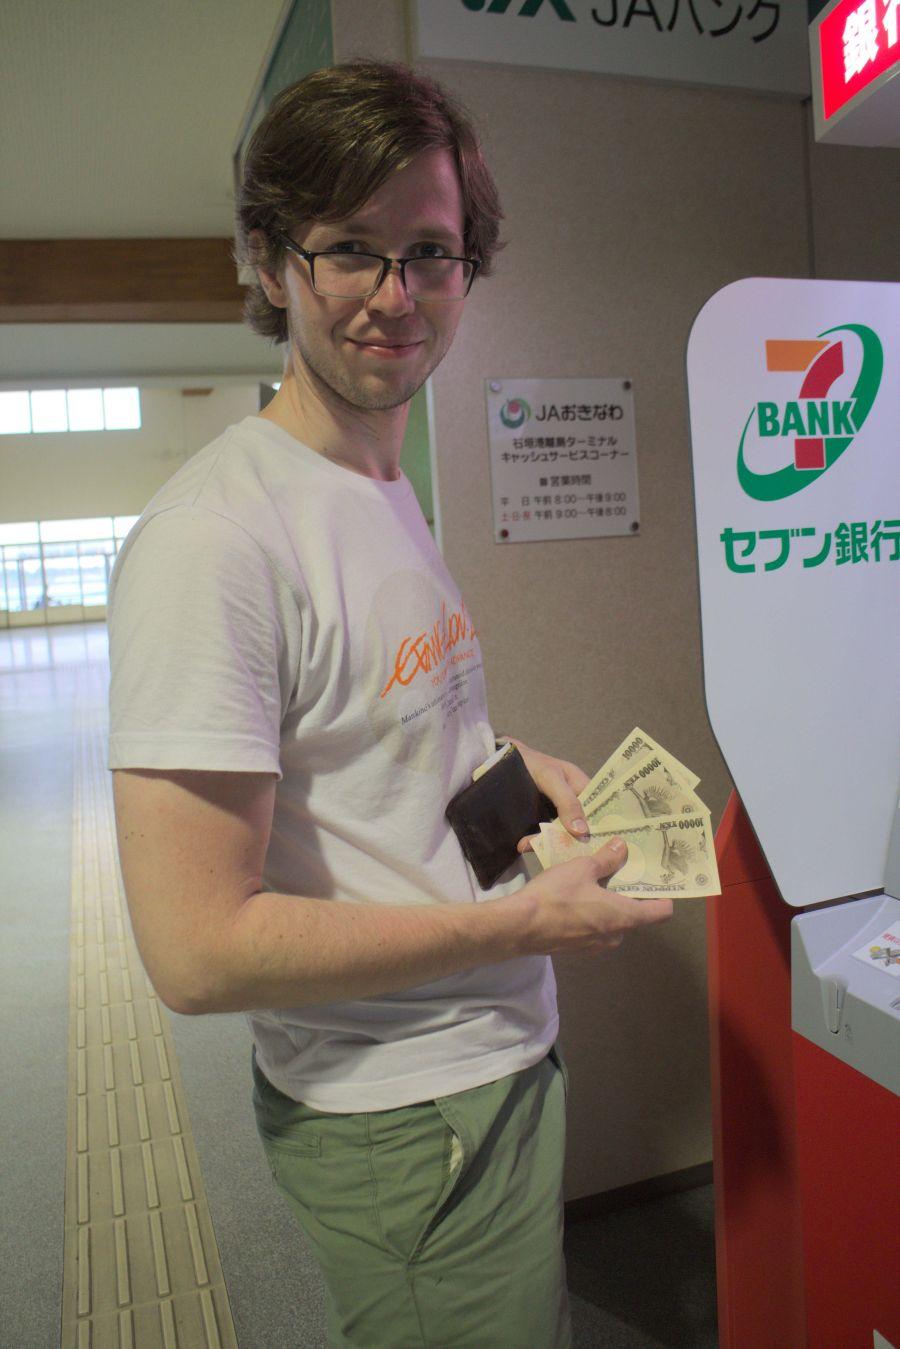 So geht's: Geld abheben in Japan